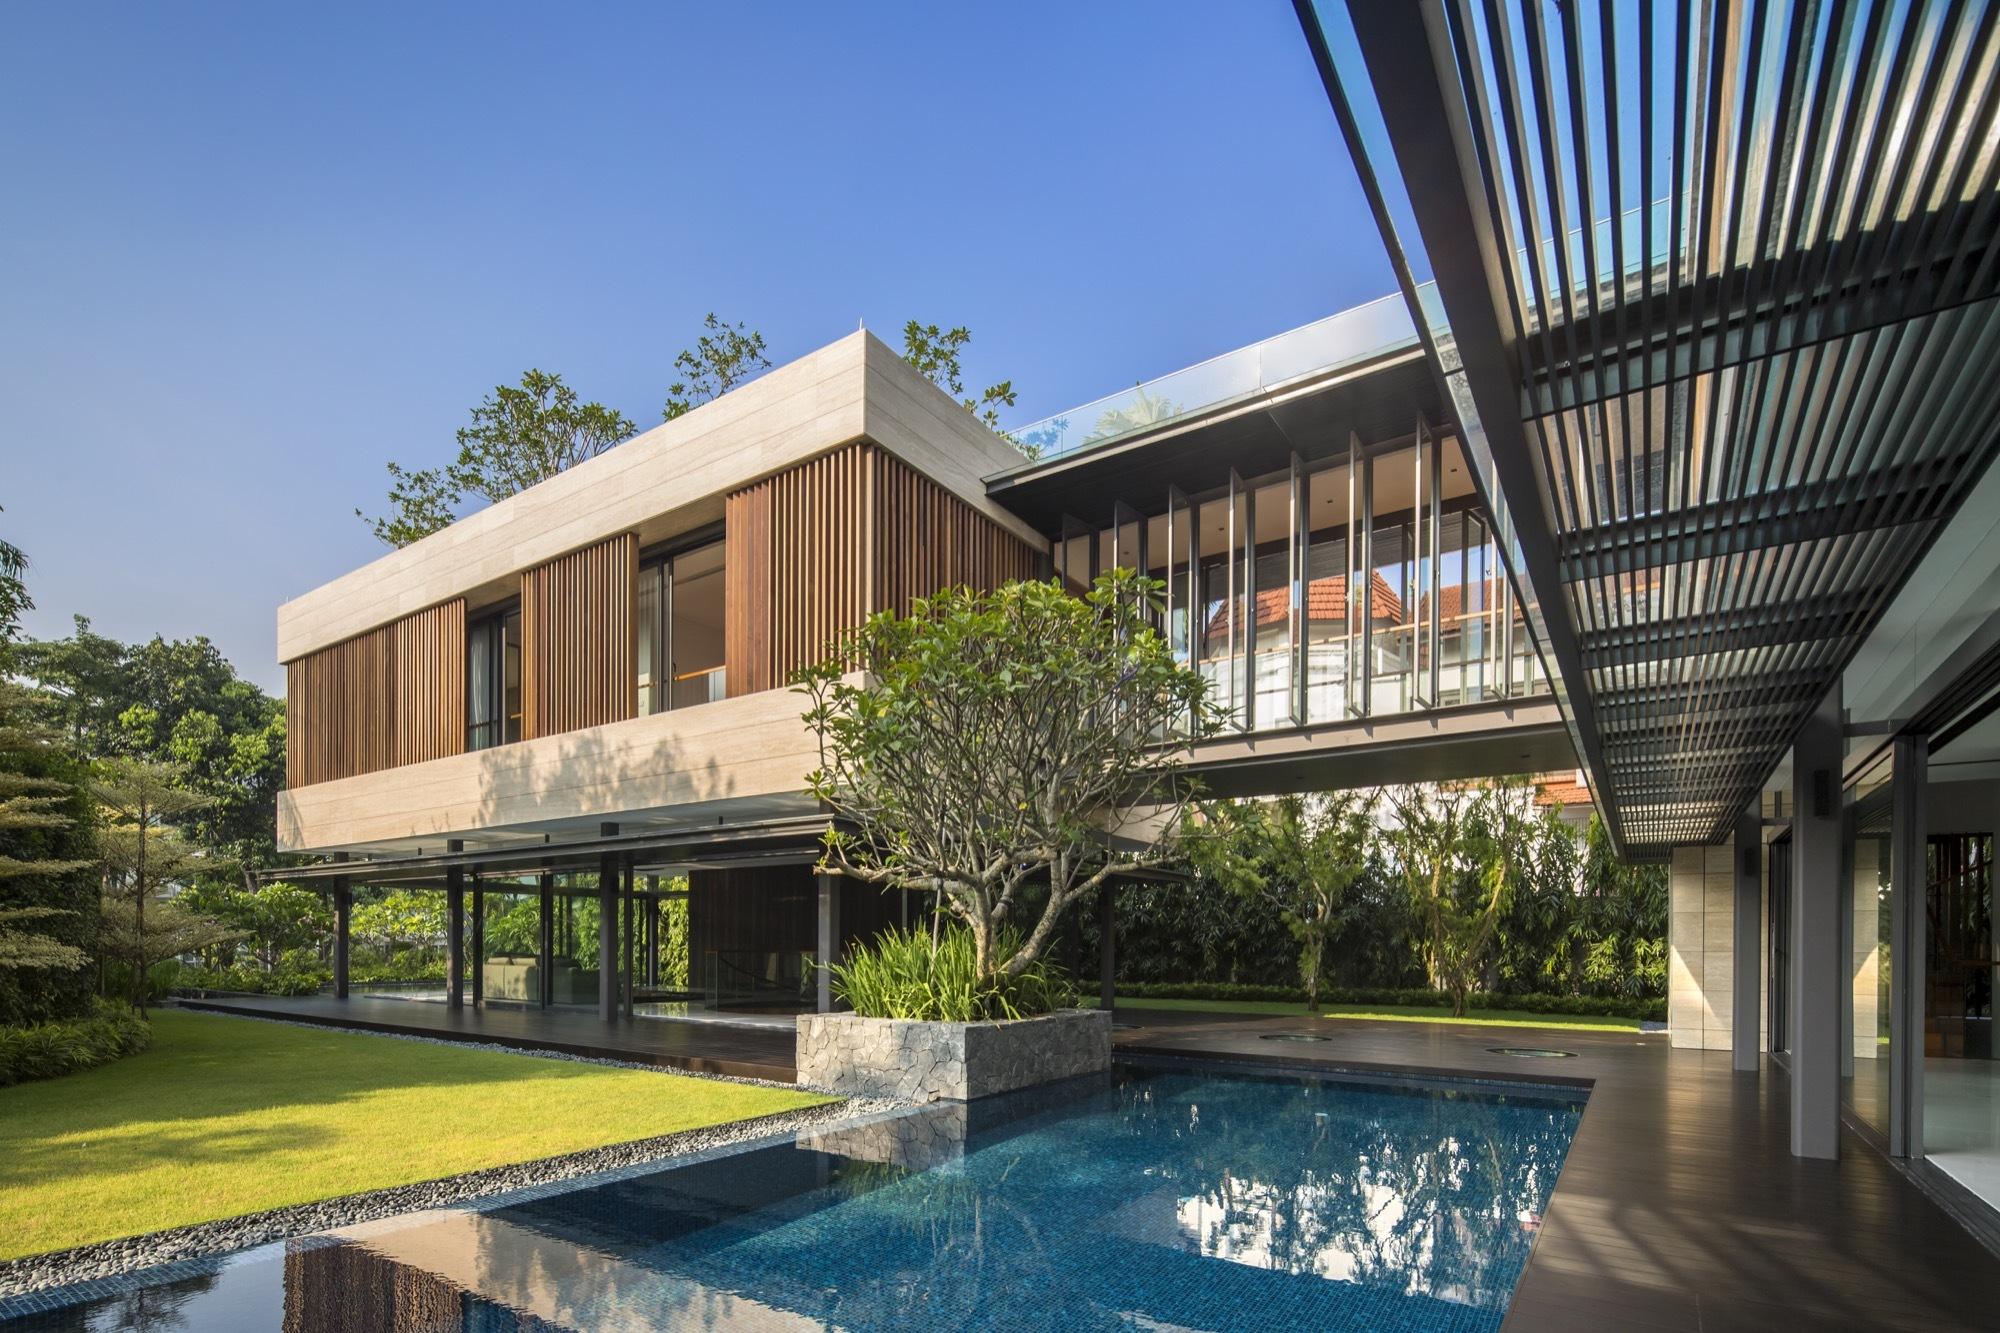 580820ece58ece68aa00021d Secret Garden House Wallflower Architecture Plus Design Photo on Mediterranean Interior Architecture